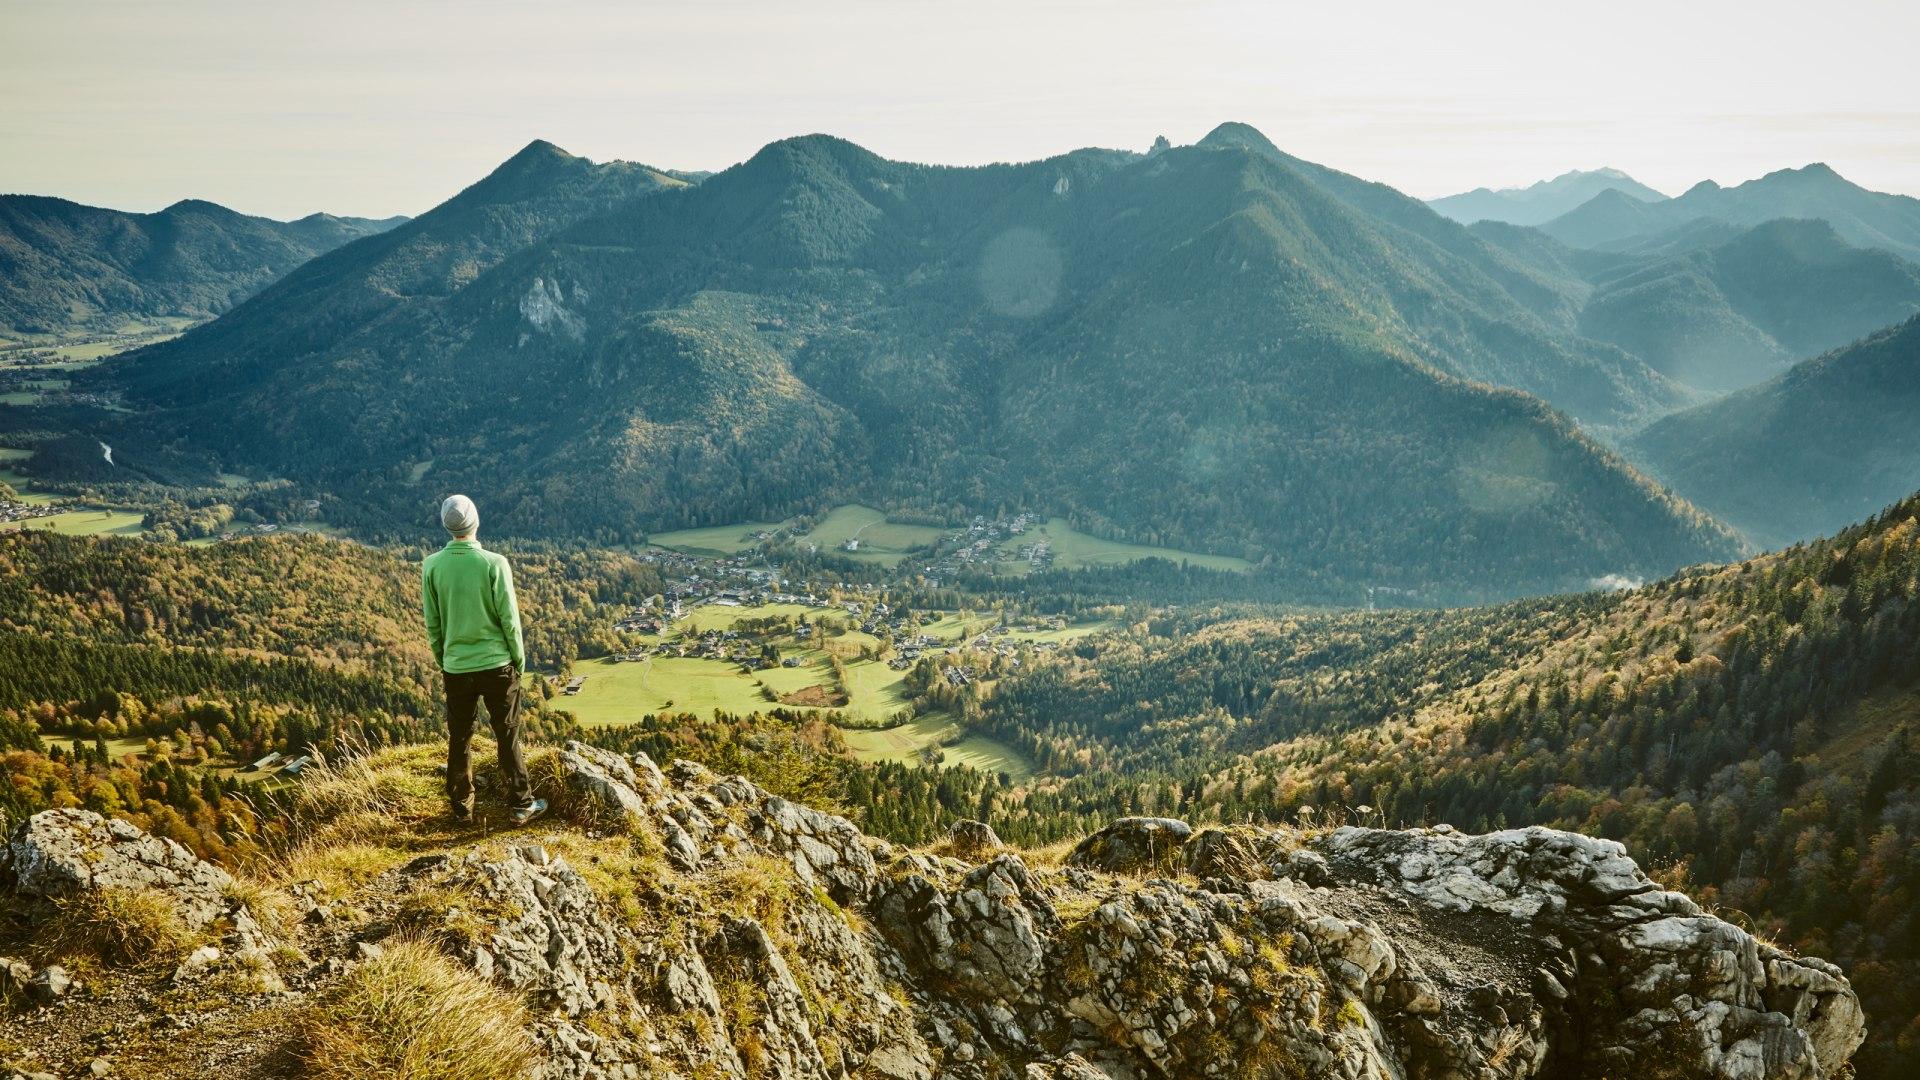 Aussicht vom Berg, © Urs Golling/ Tegernseer Tal Tourismus GmbH